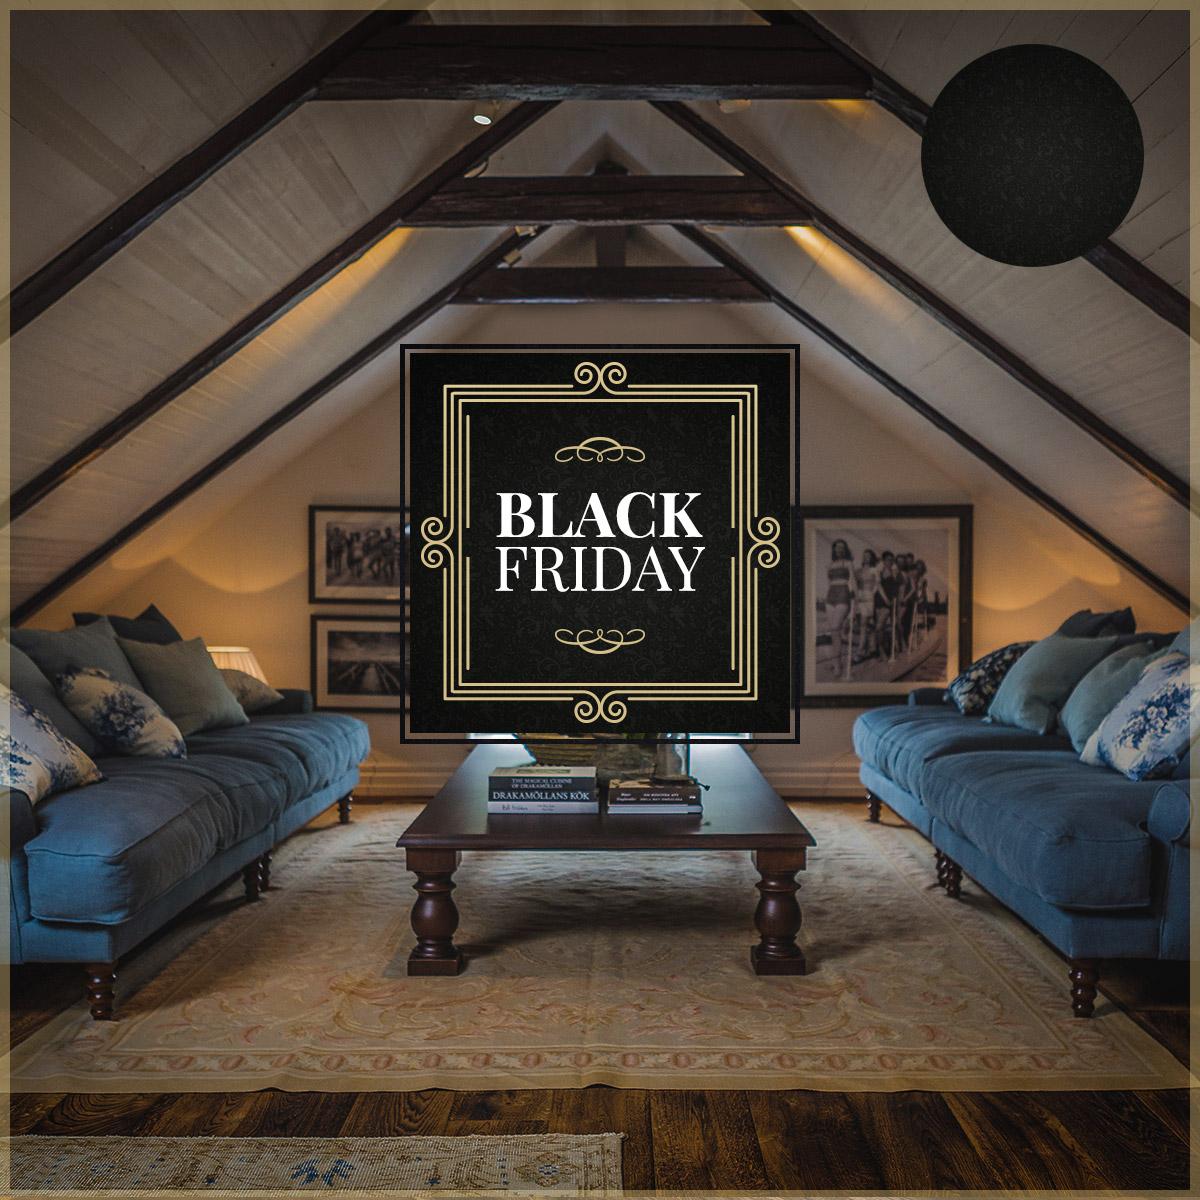 fb-mall-blackfriday